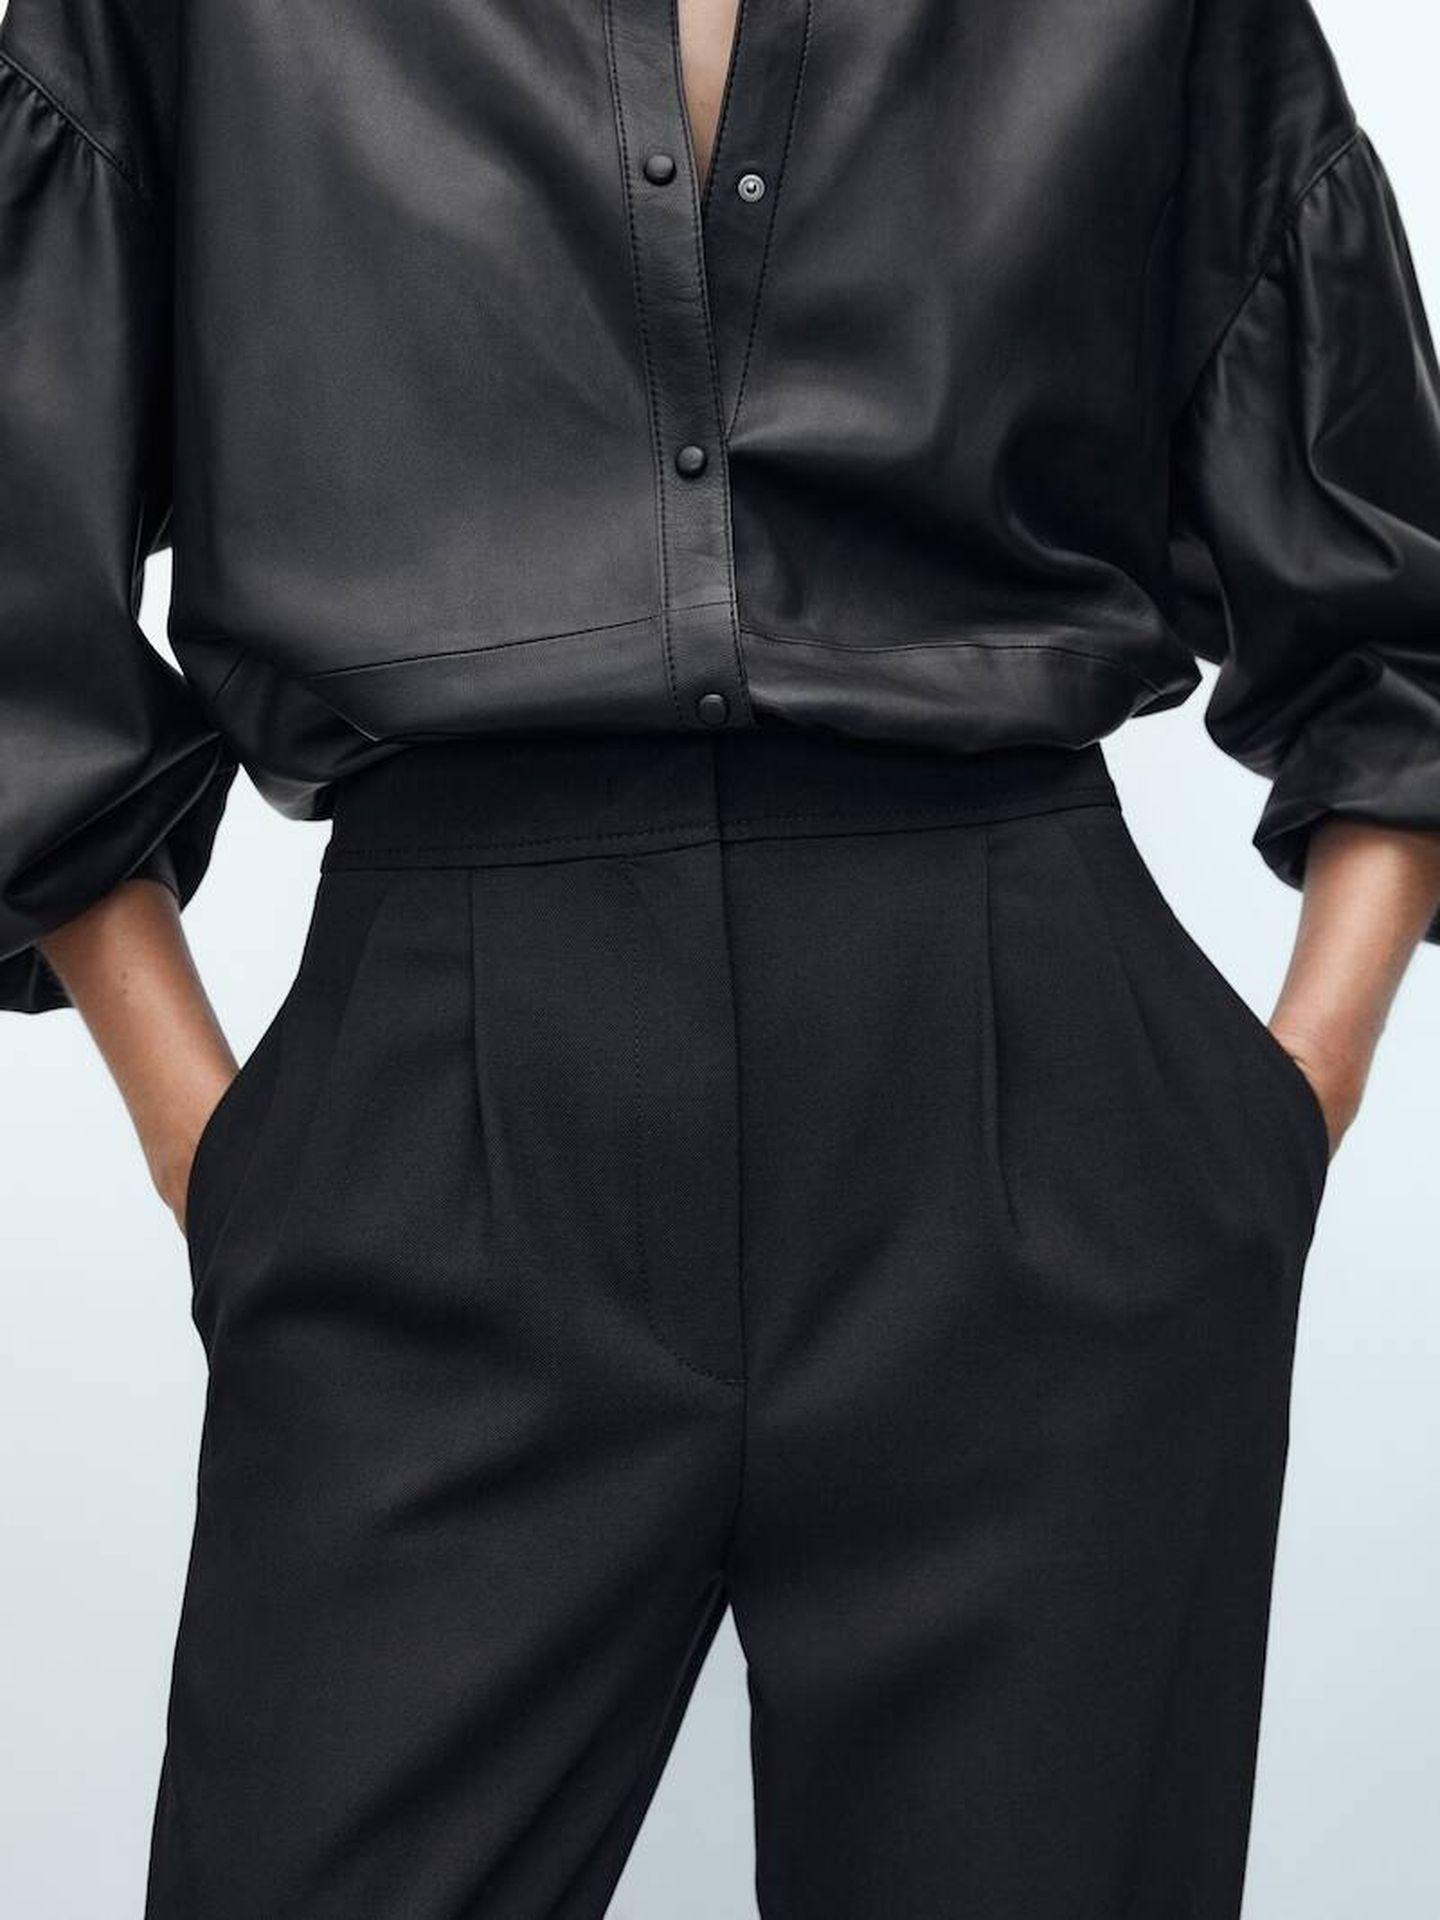 Pantalón negro de Massimo Dutti. (Cortesía)